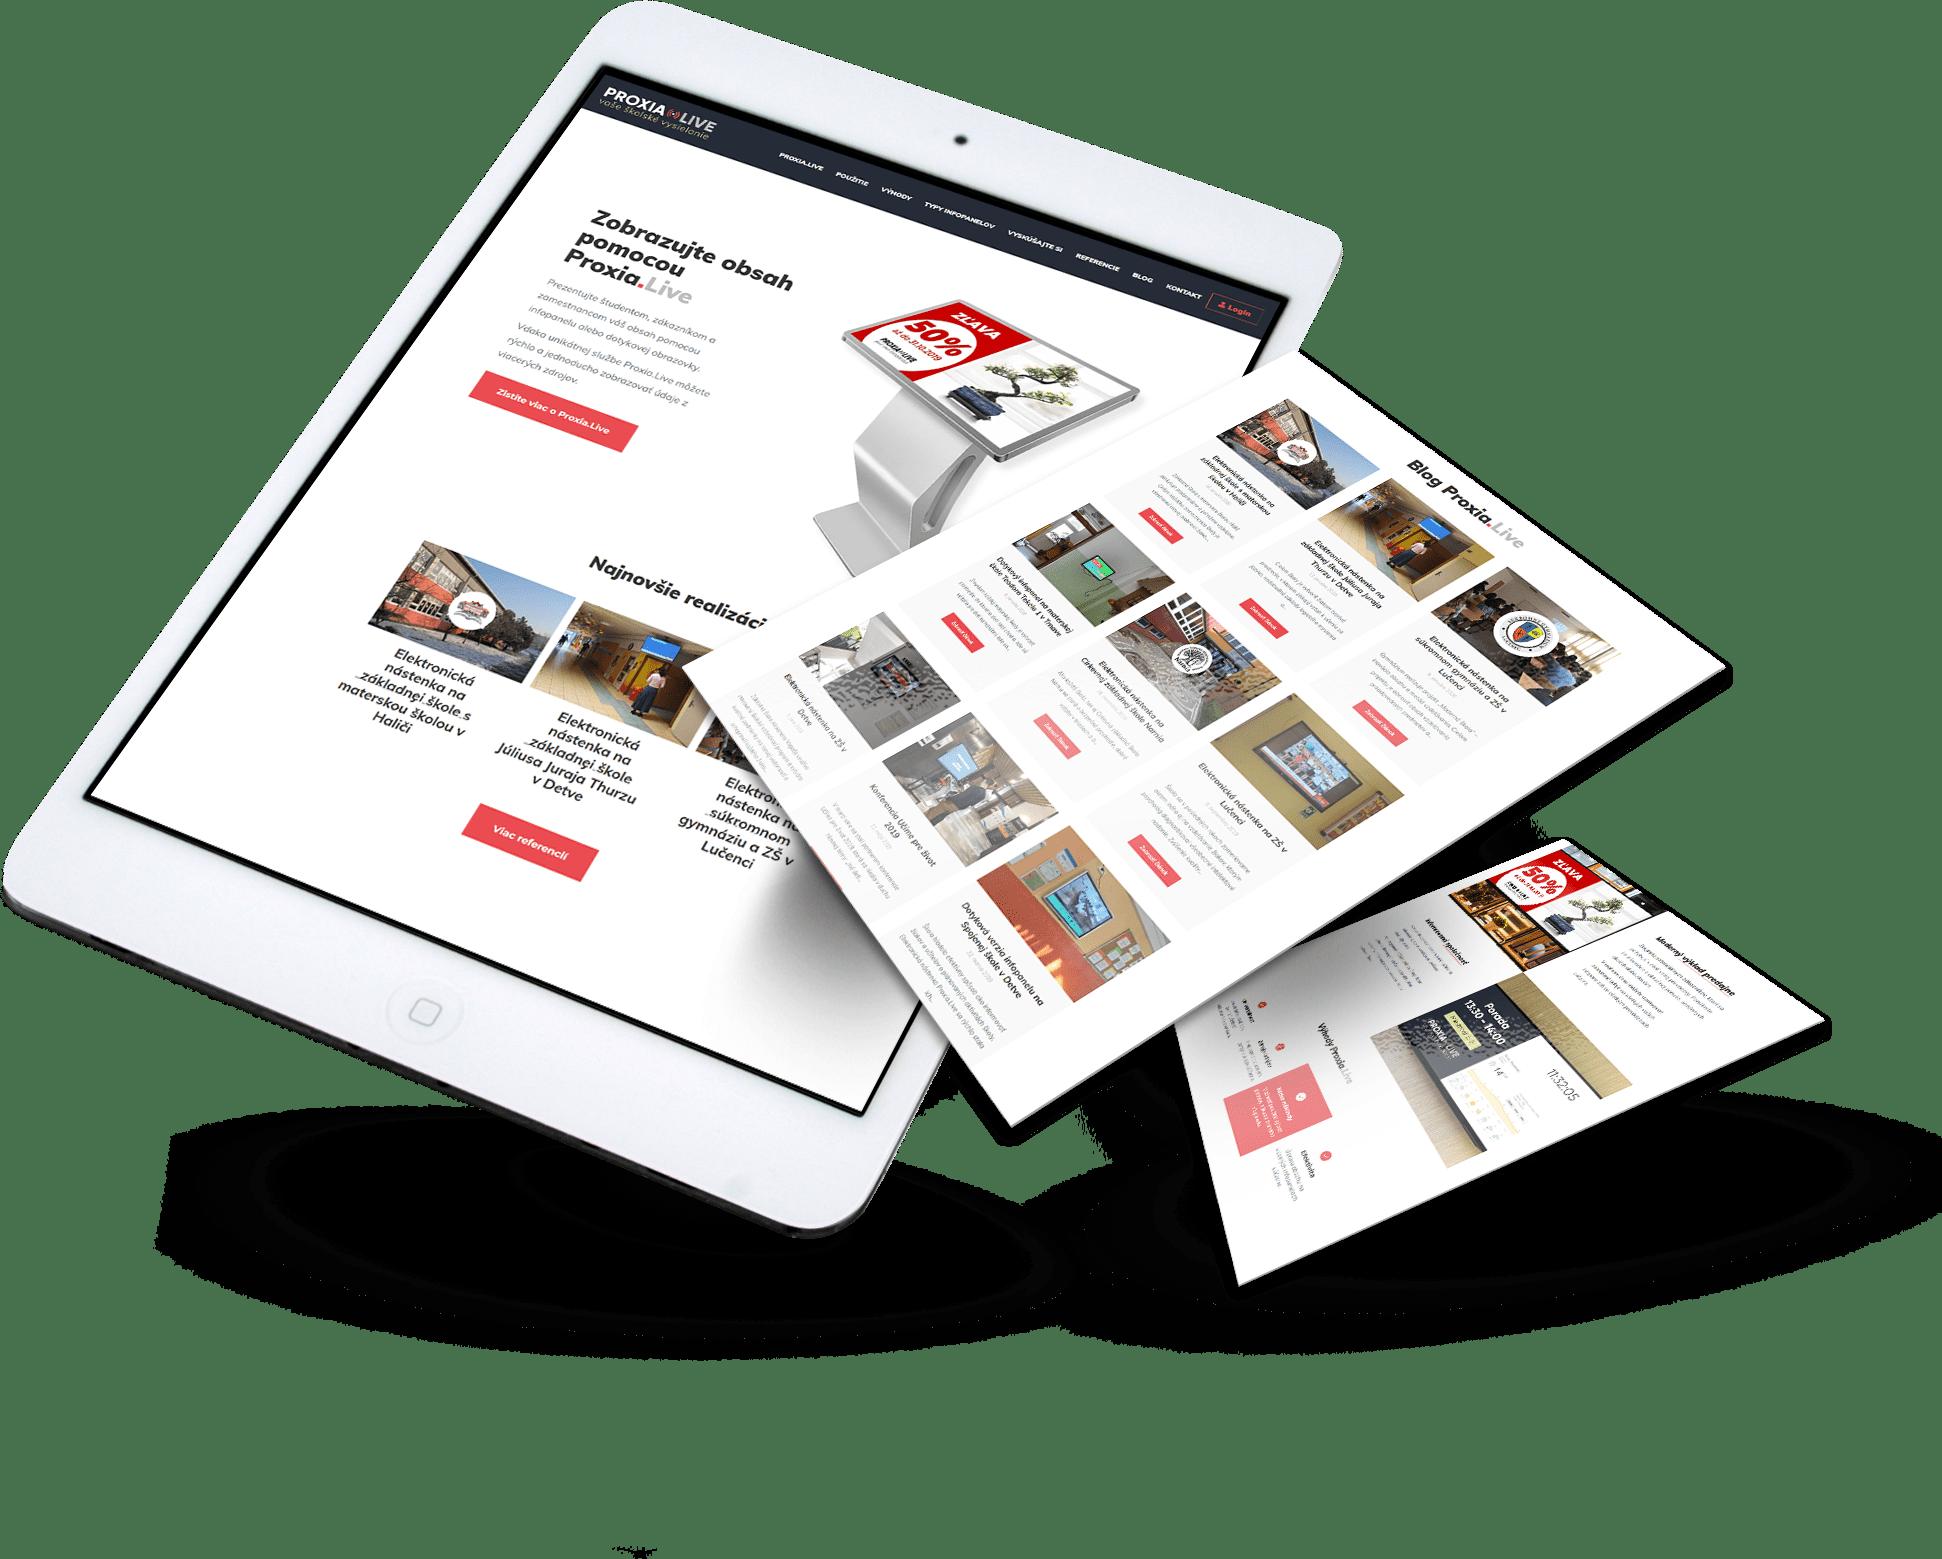 Tvorba web stránky proxia.live | Marketingová agentúra UNIQINO